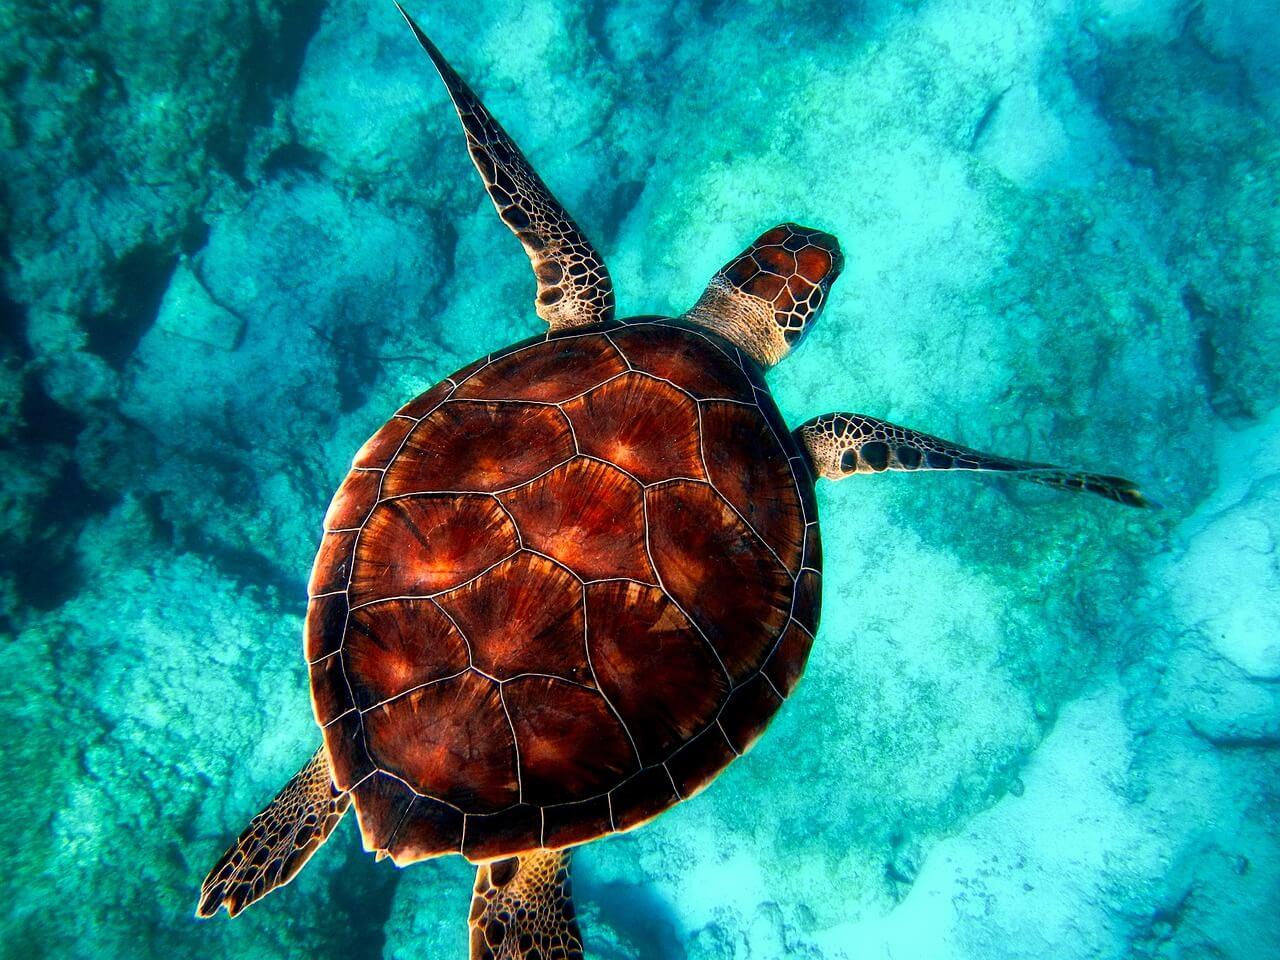 Tortue vue en plongée sous-marine aux Canaries